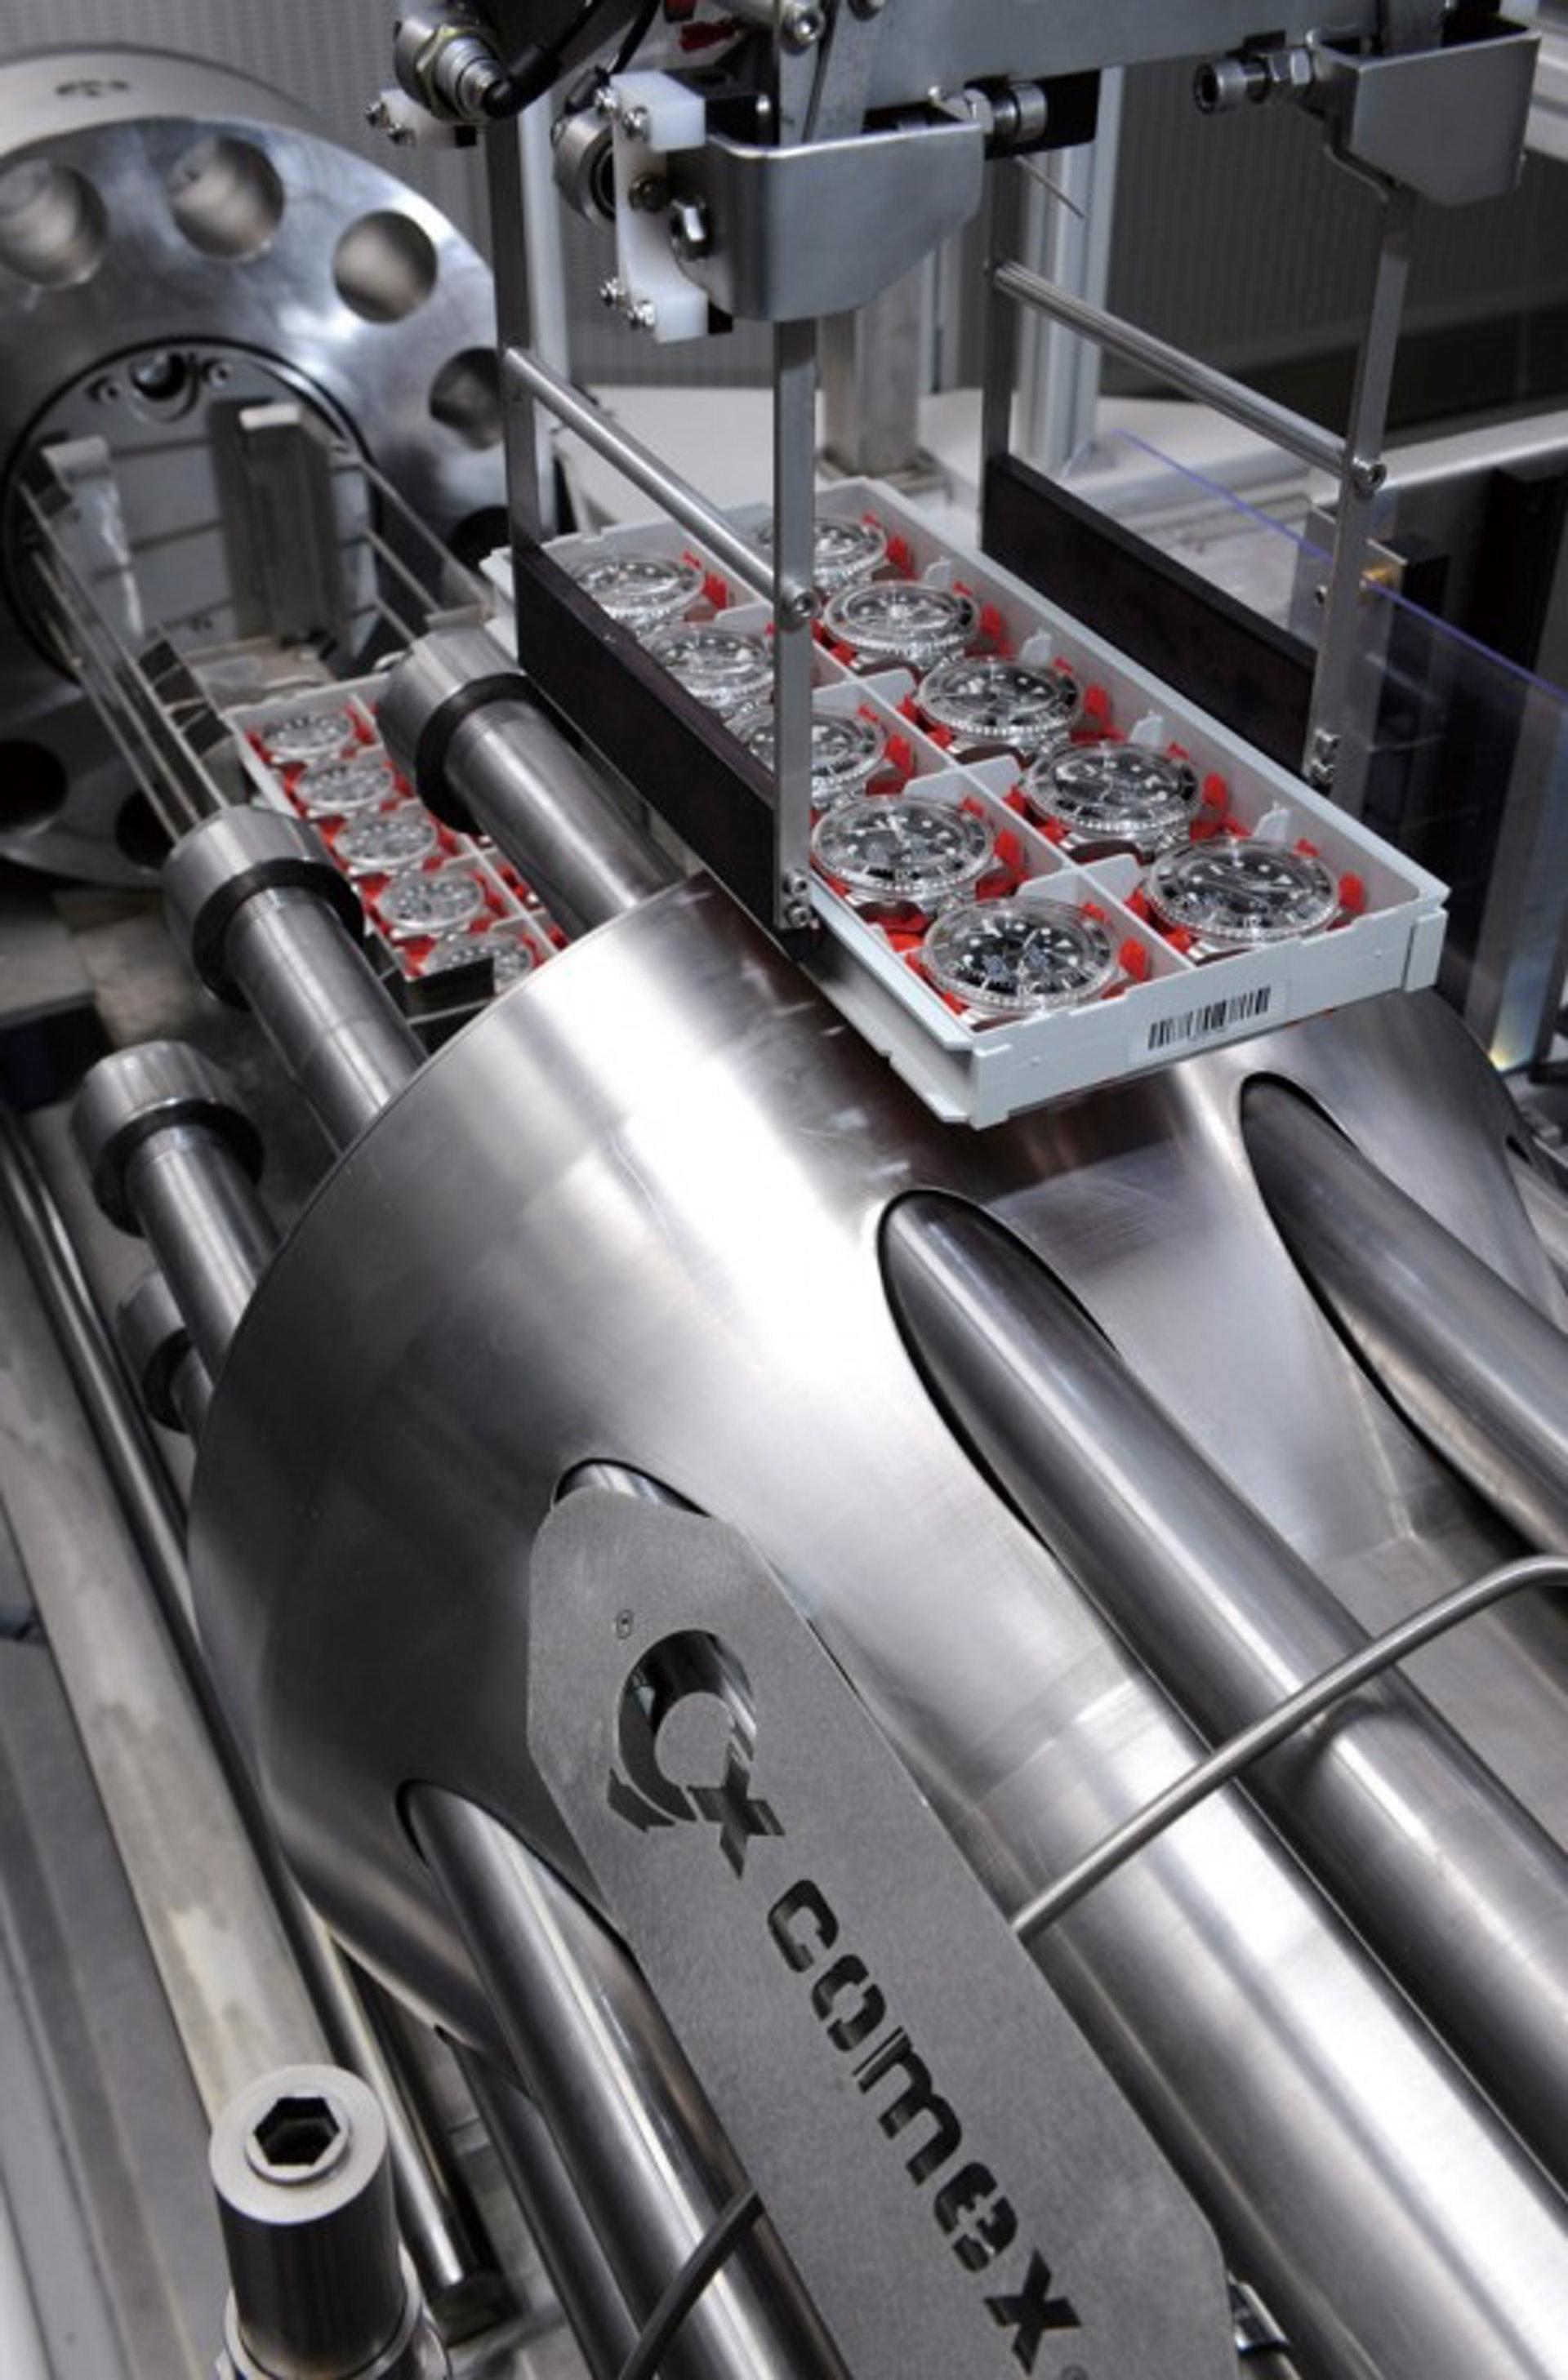 為了達到對深海潛水腕錶極其嚴苛的認證標準,勞力士與法國專業潛水公司COMEX合作,合力打造出高壓測試箱,對腕錶進行防水性能的測試。(世界高級品)